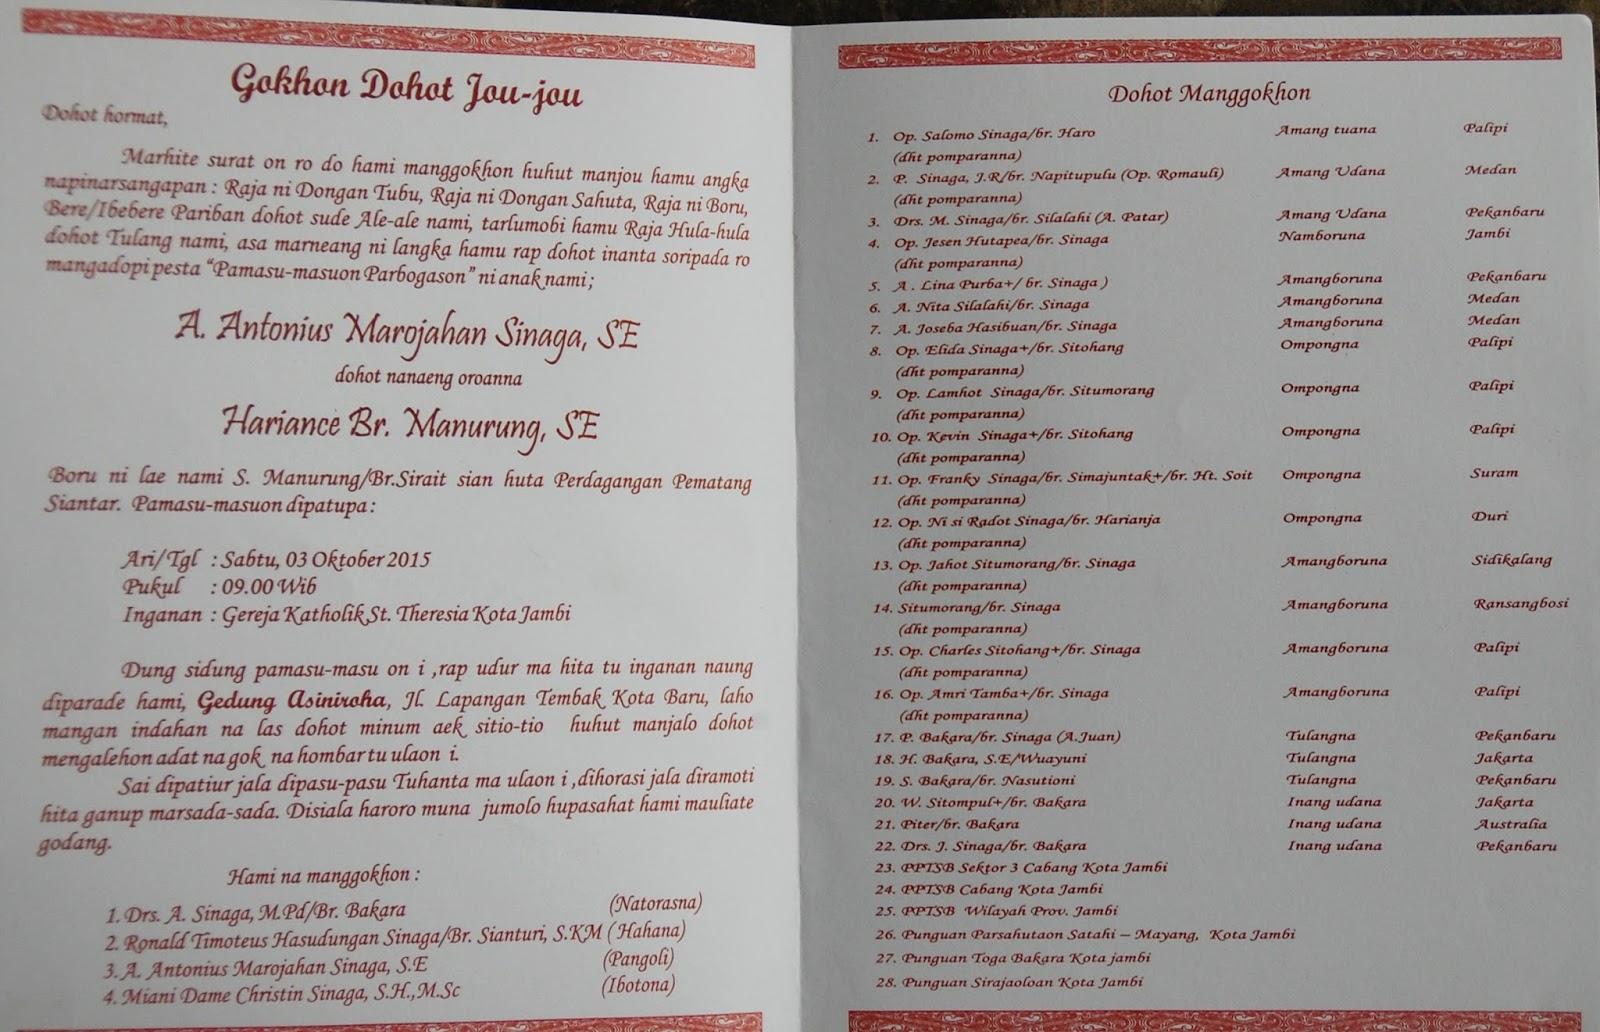 Contoh Surat Undangan Pernikahan Orang Batak